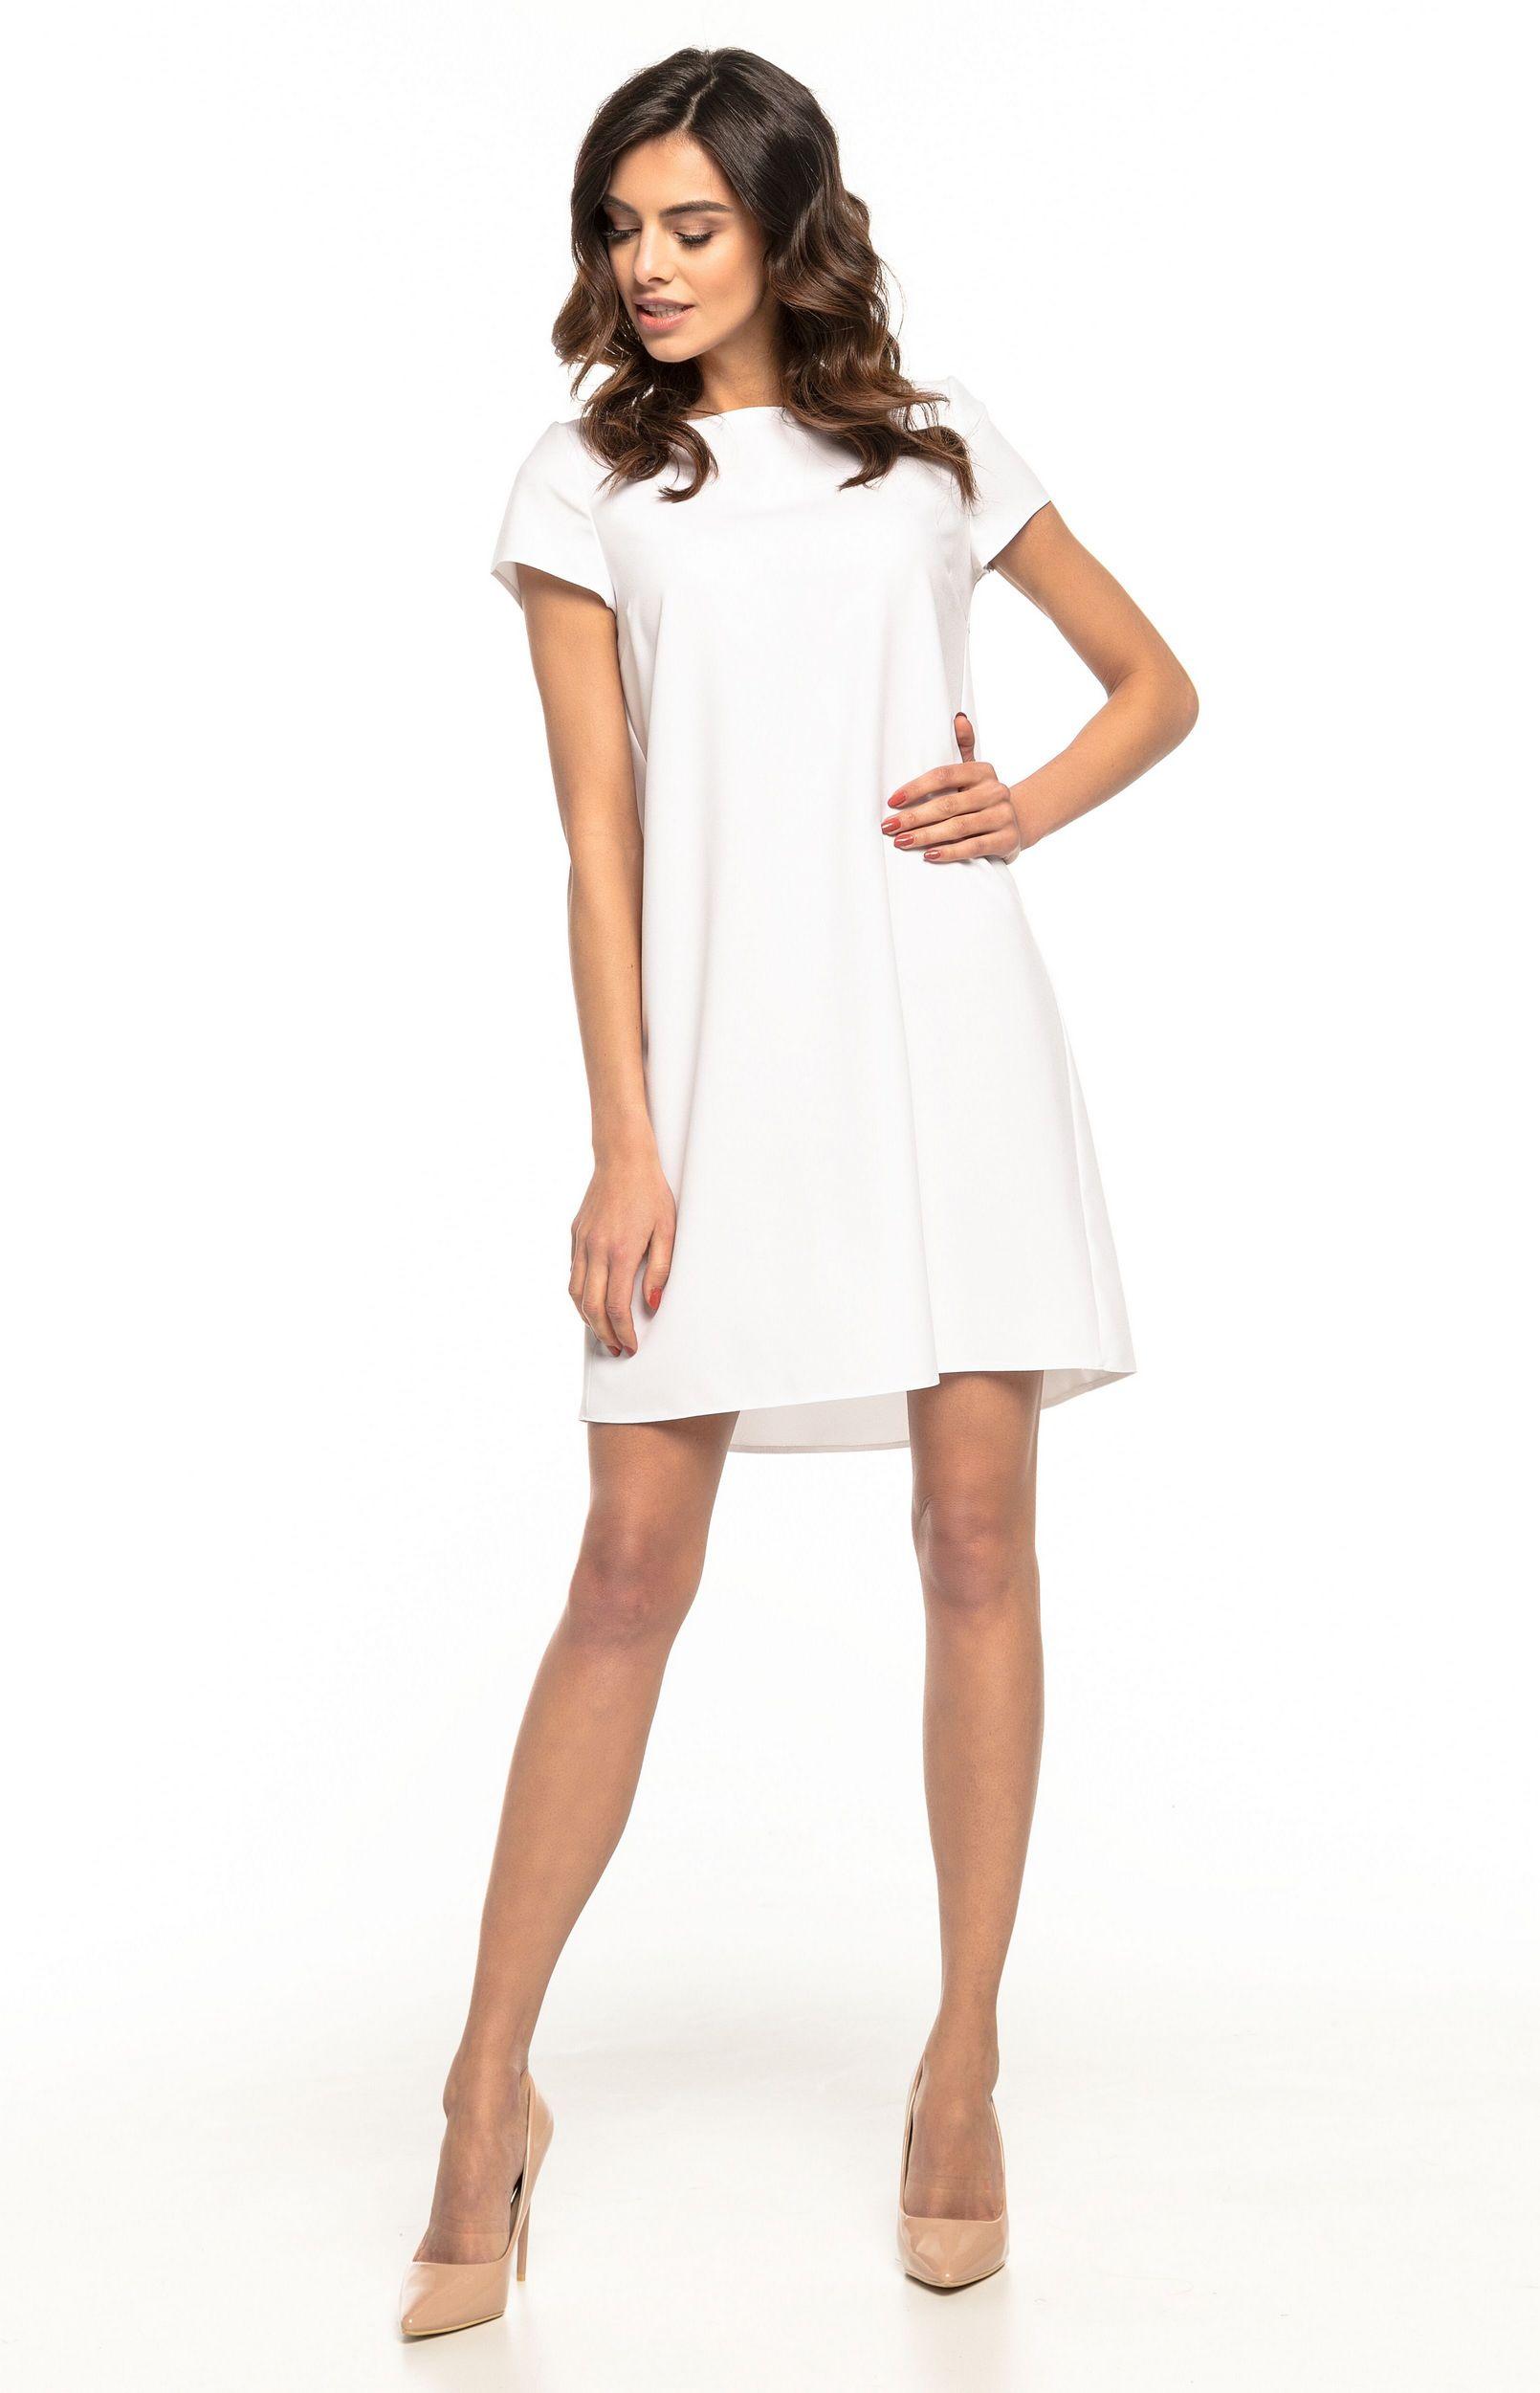 59a3d25abf2 Robe ample courte blanche Tess T261W   idresstocode  boutique de ...